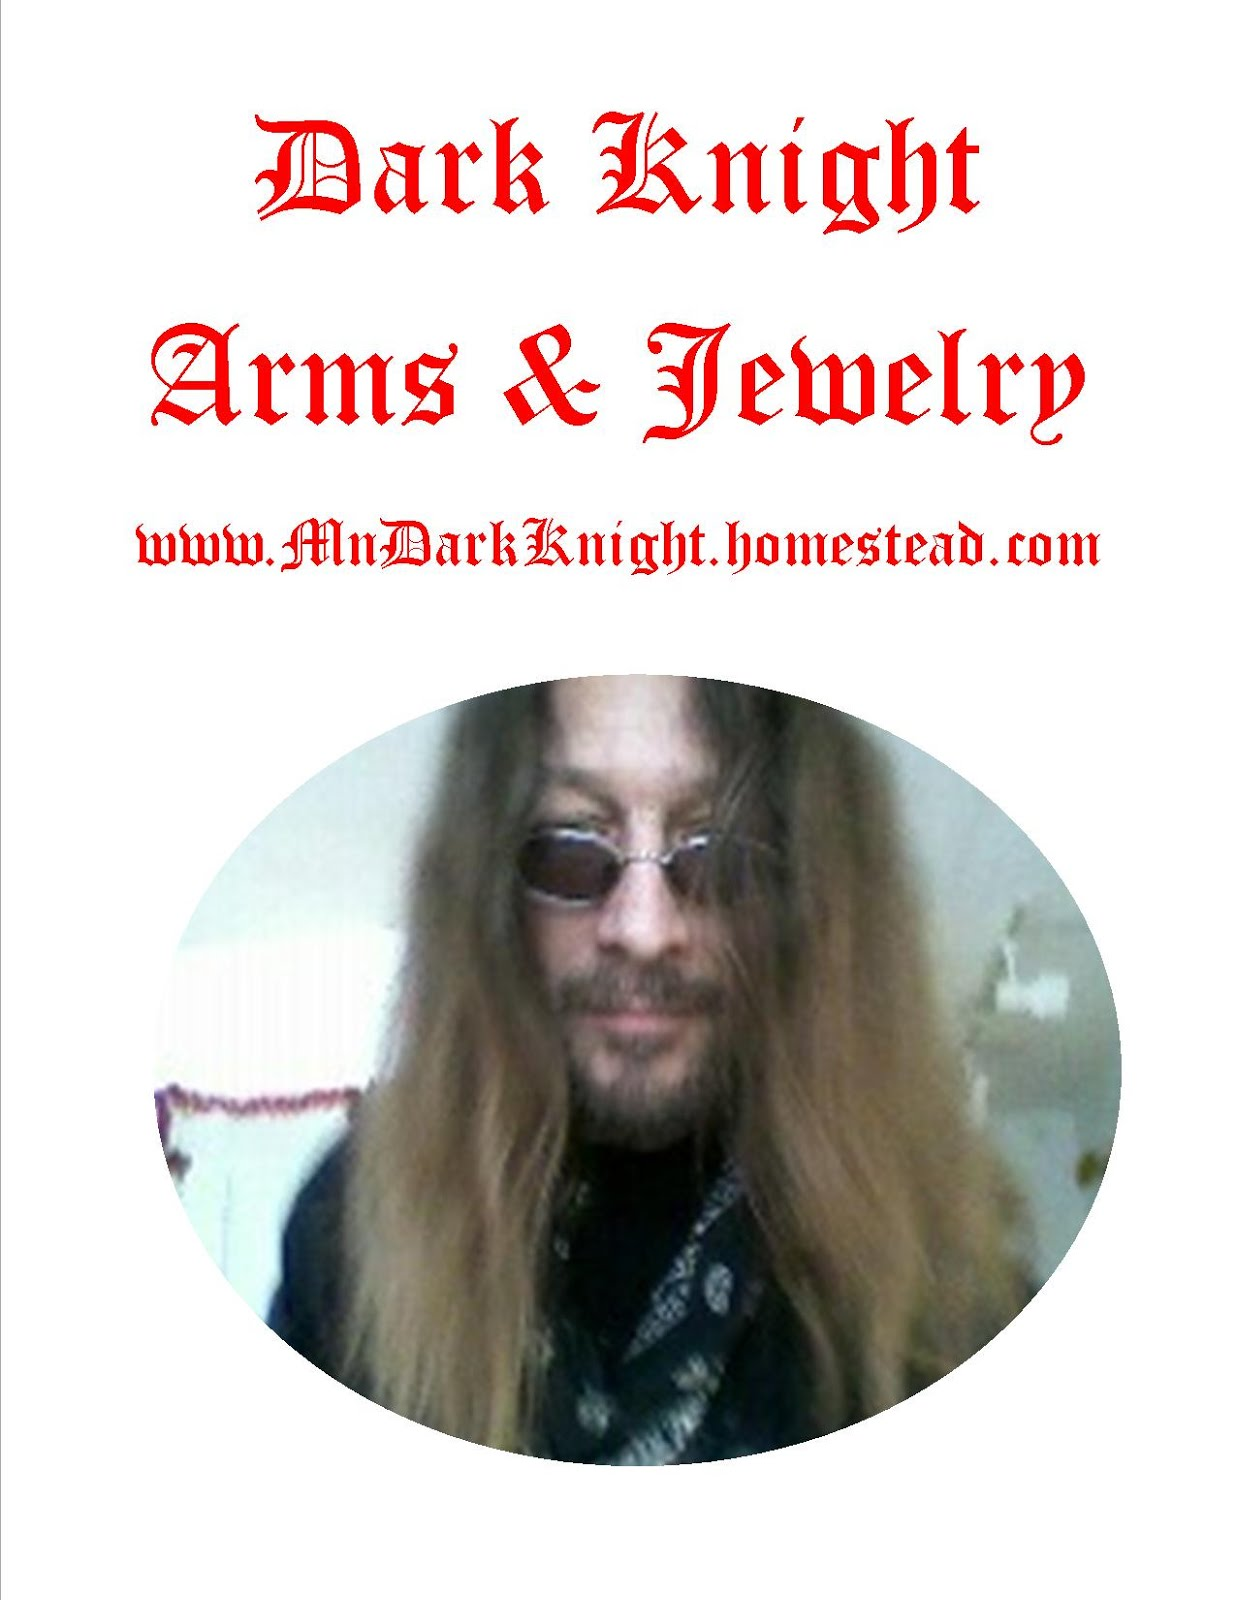 Dark Knight Arms & Jewelry